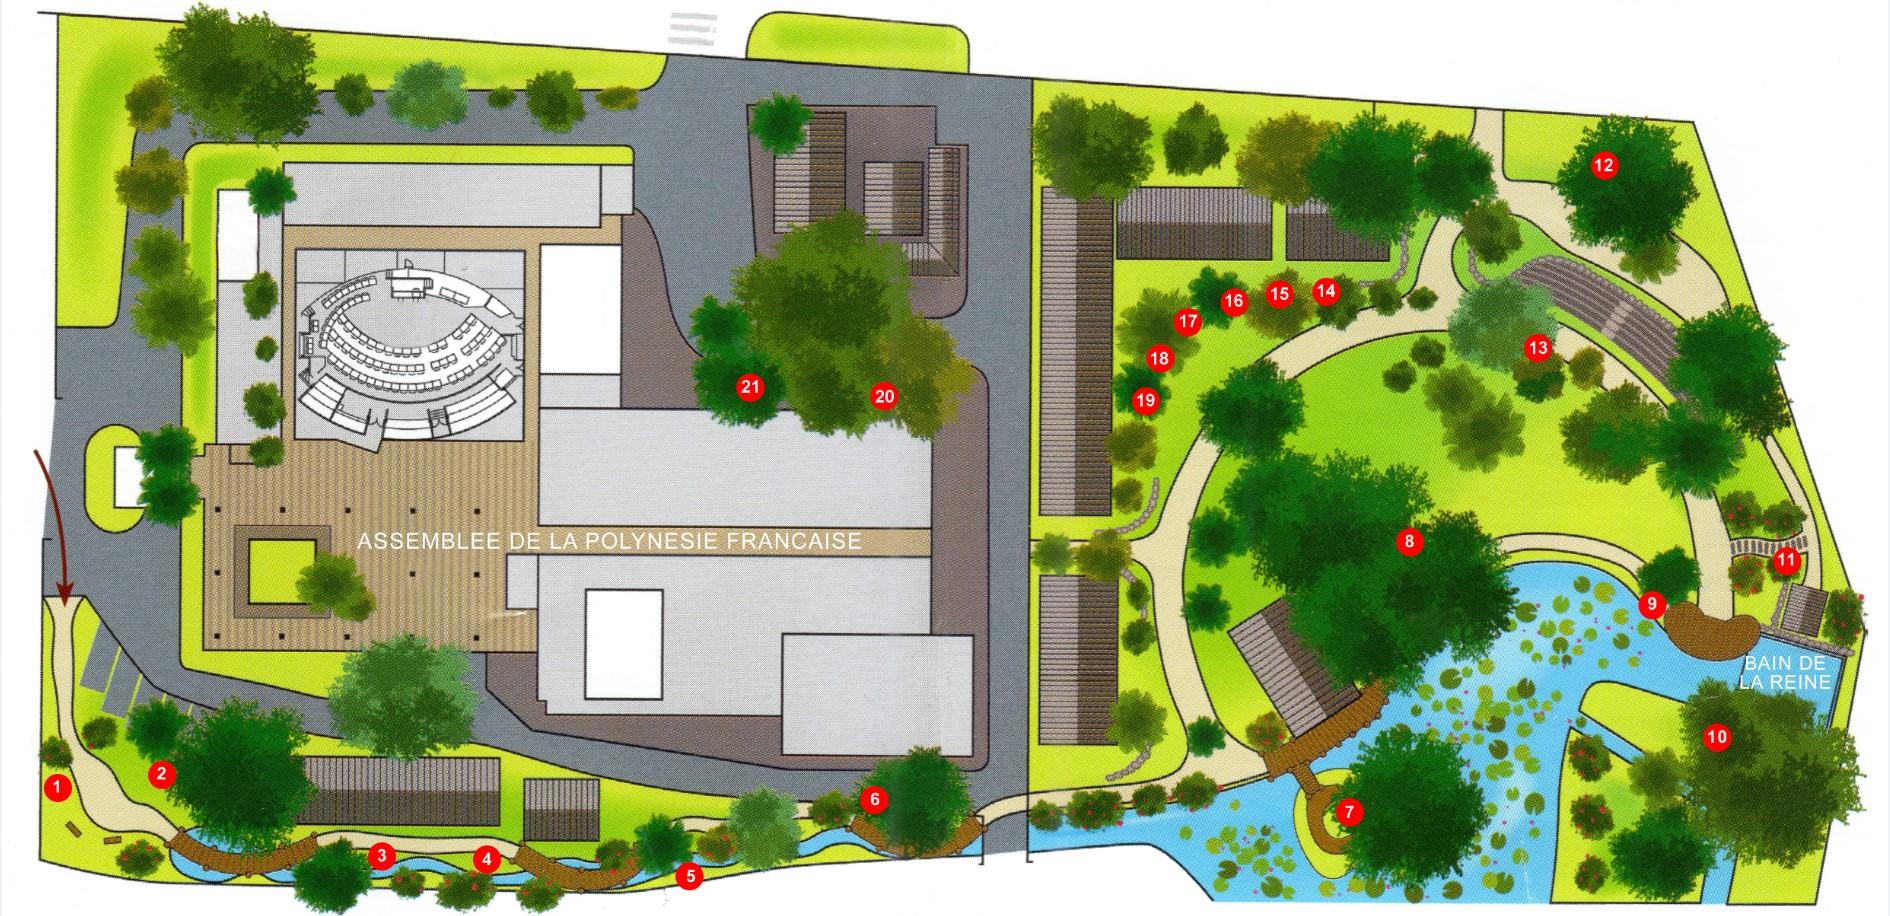 Plan du jardin de la reine avec les principales plantations